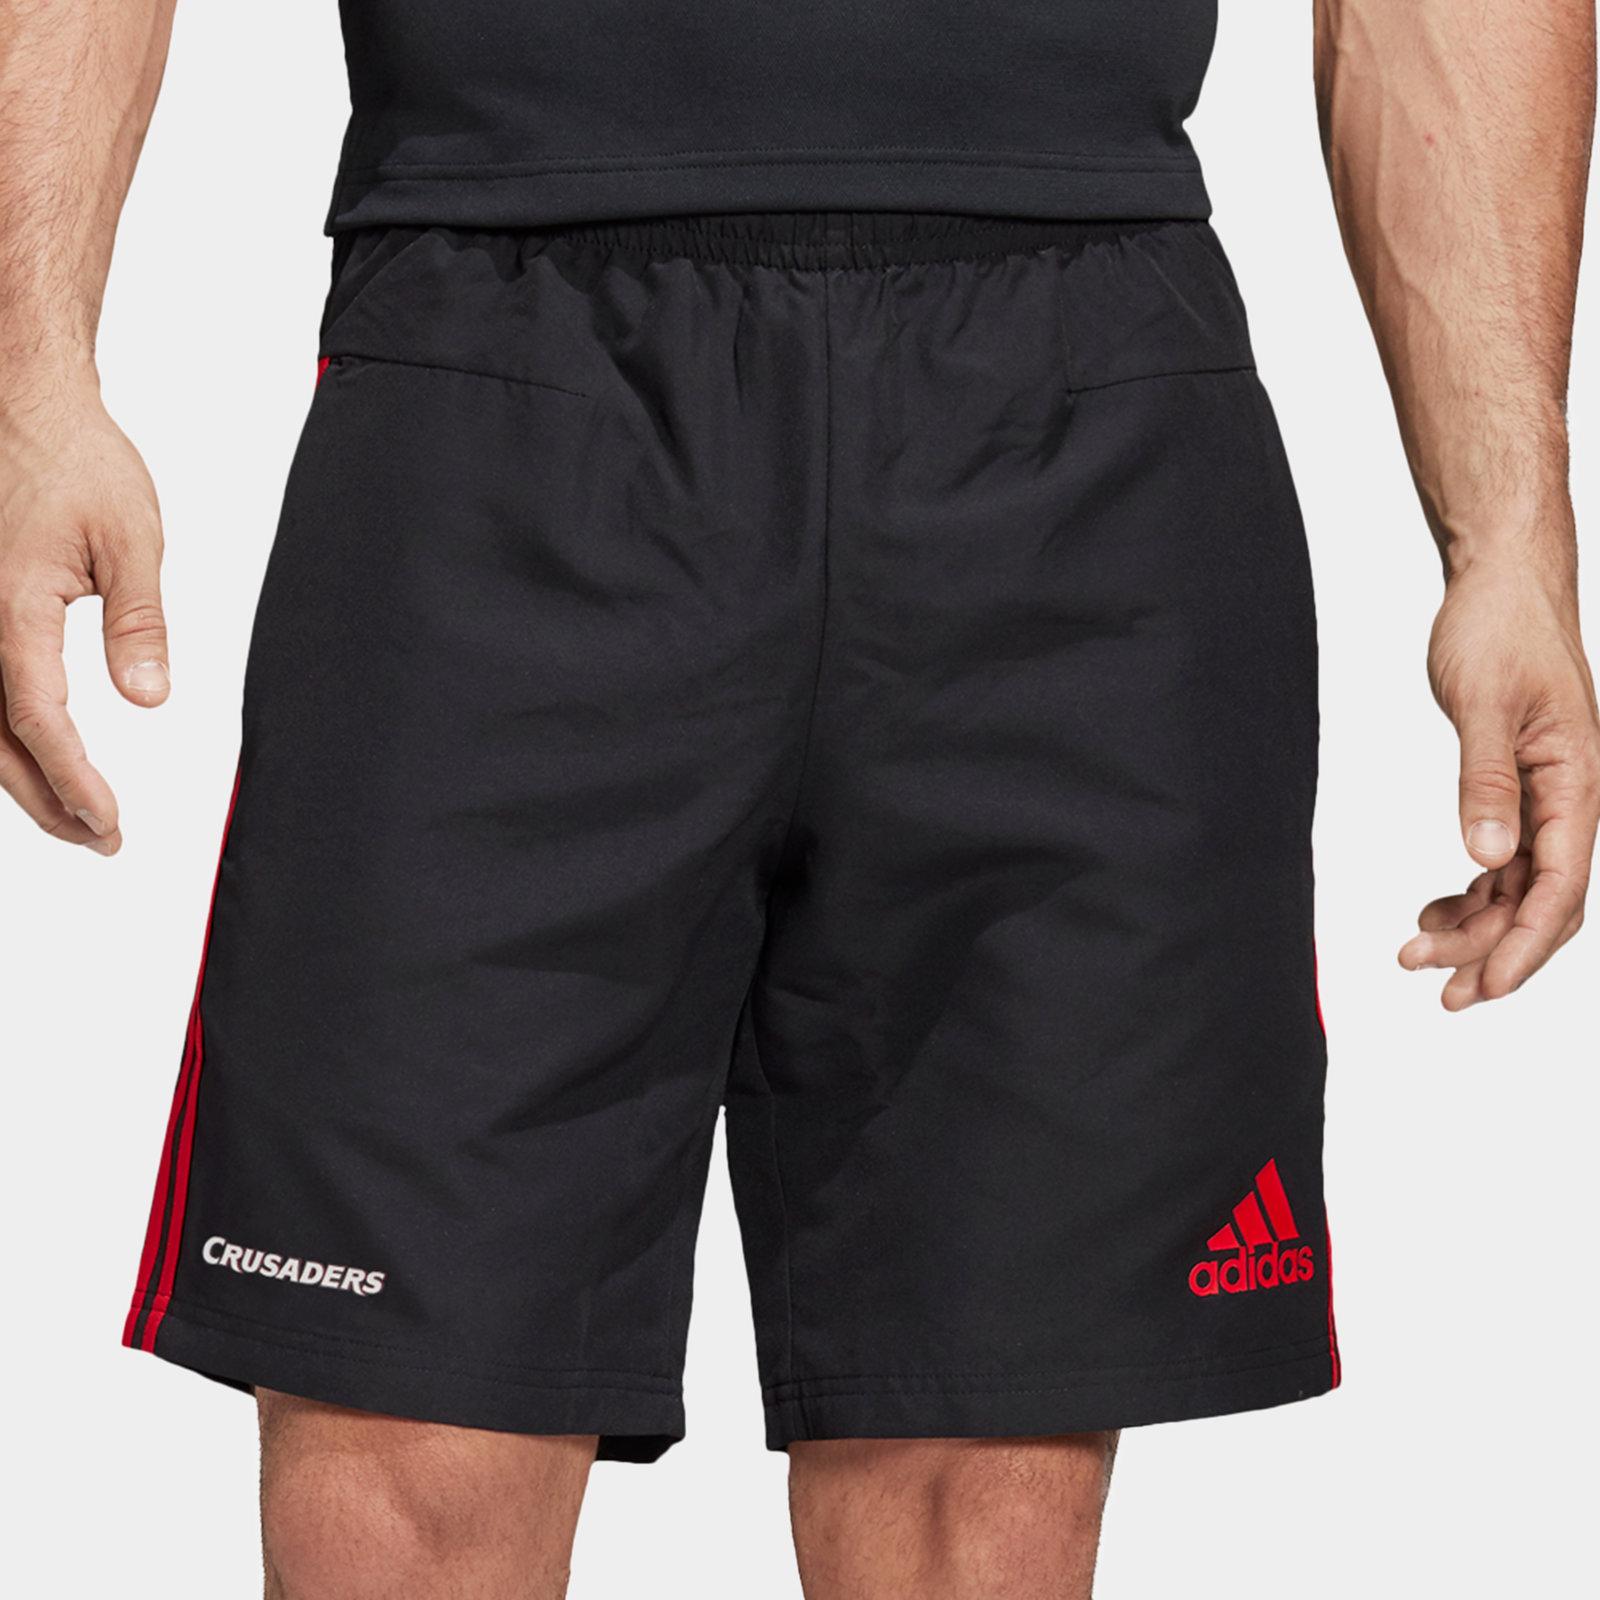 Crusaders 2020 Home Super Shorts